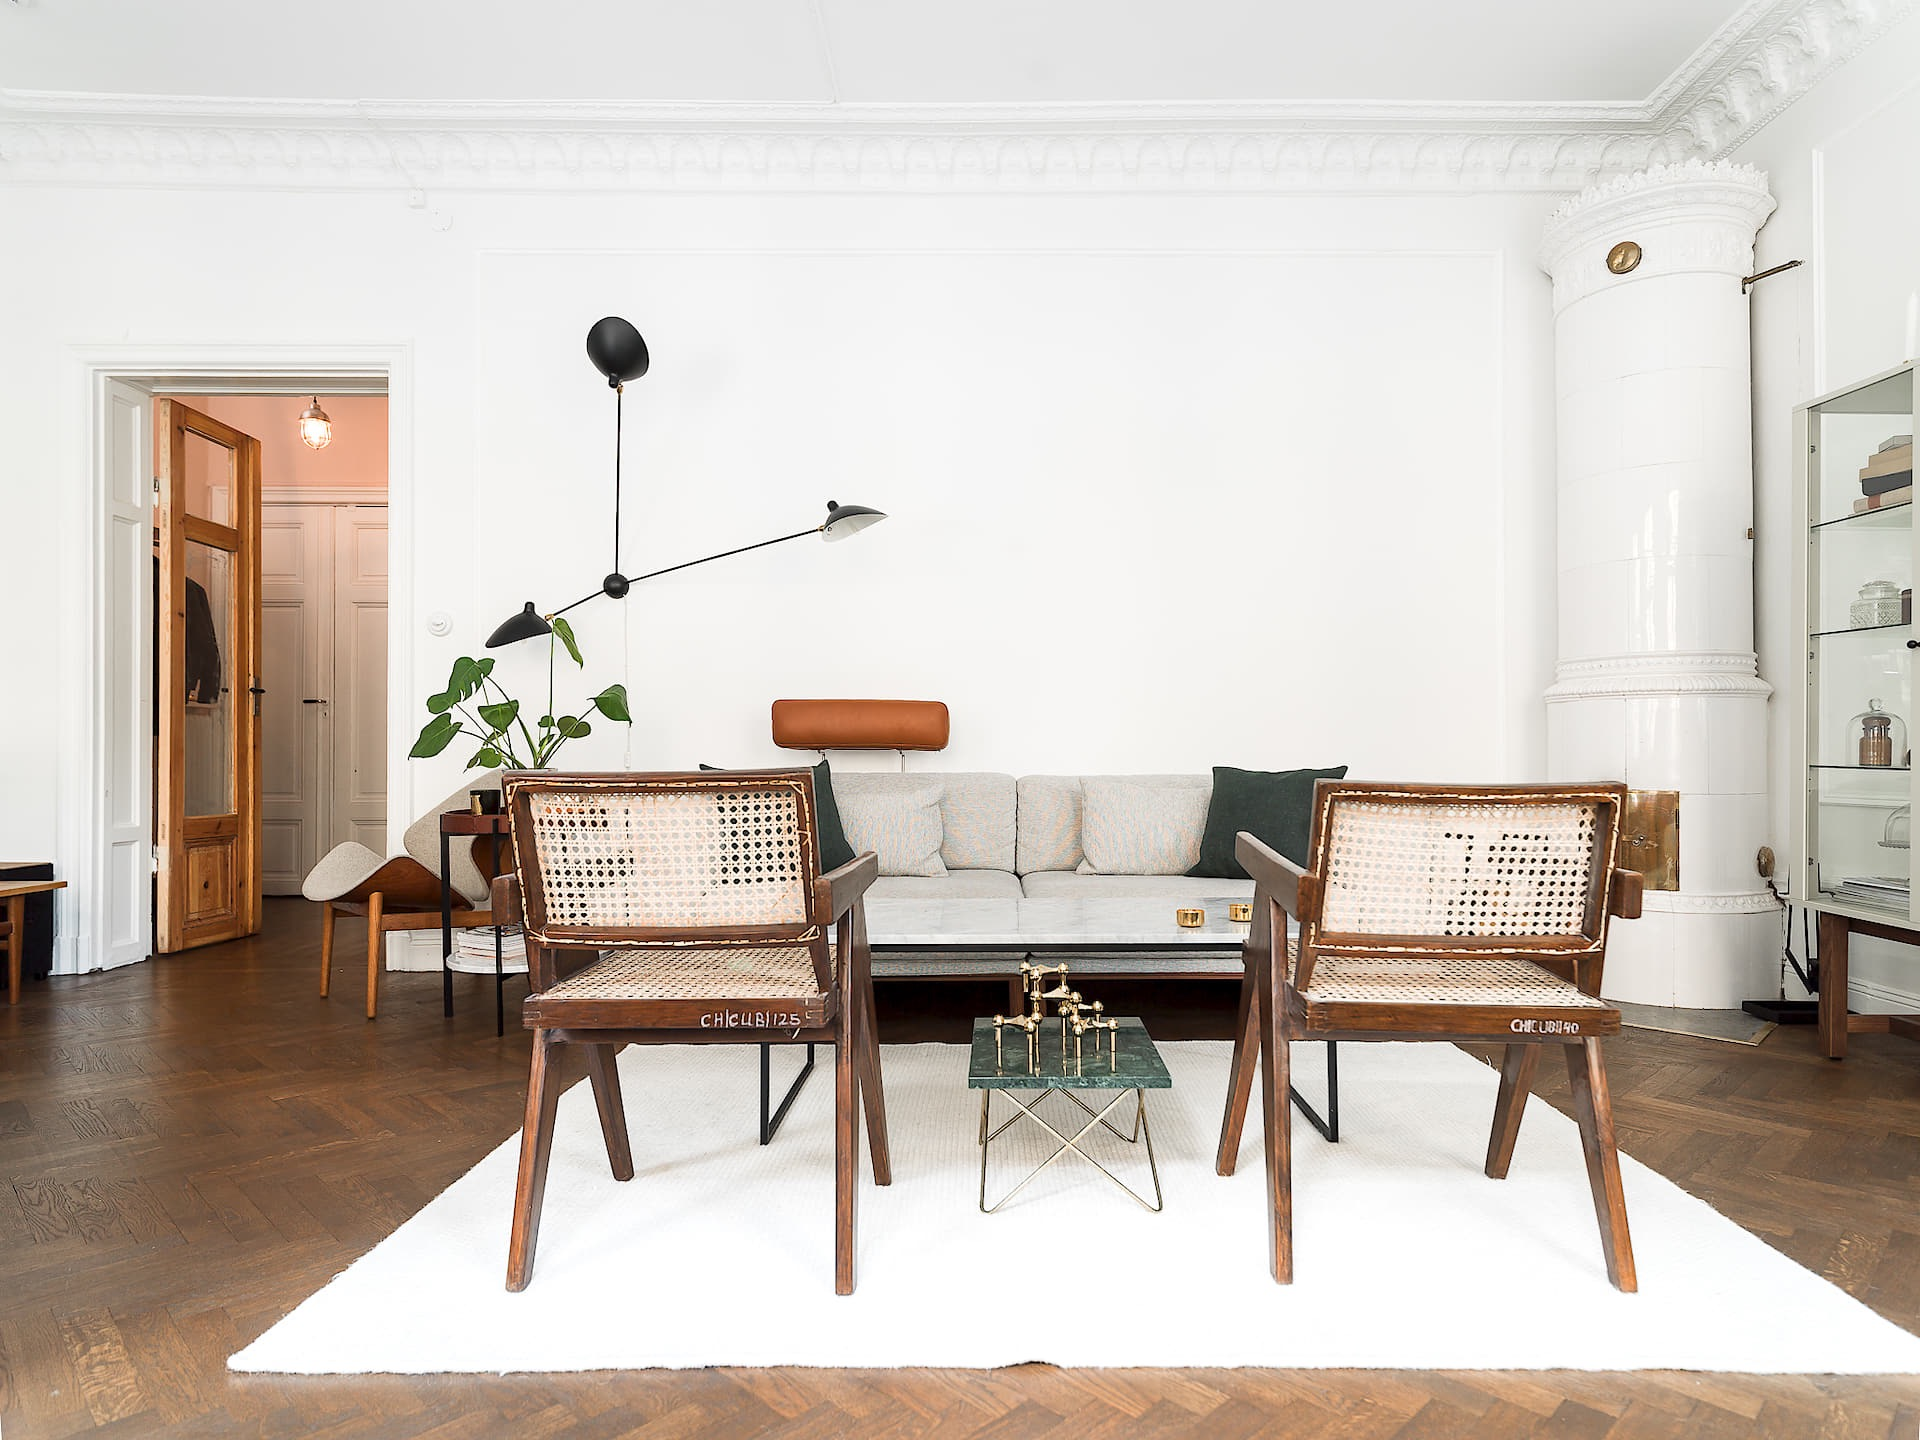 гостиная столик кресла диван печь